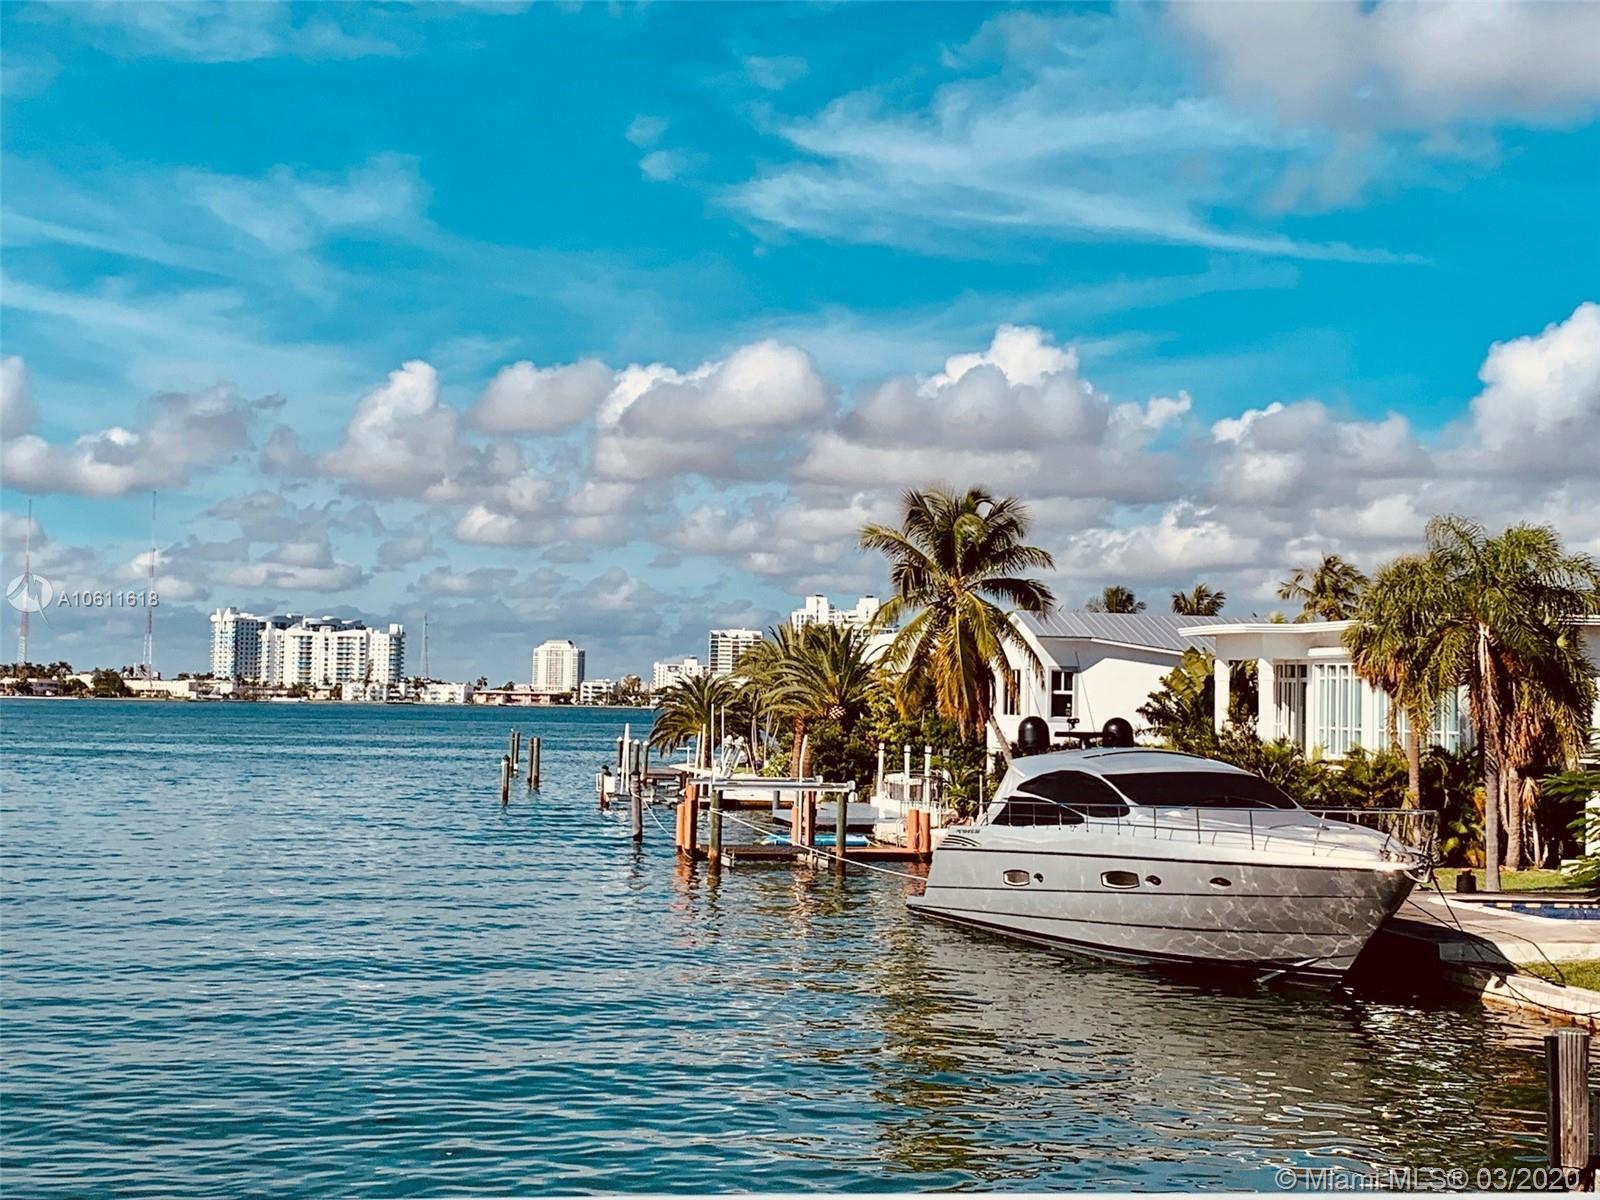 Isle of Normandy - 1040 S Shore Dr, Miami Beach, FL 33141